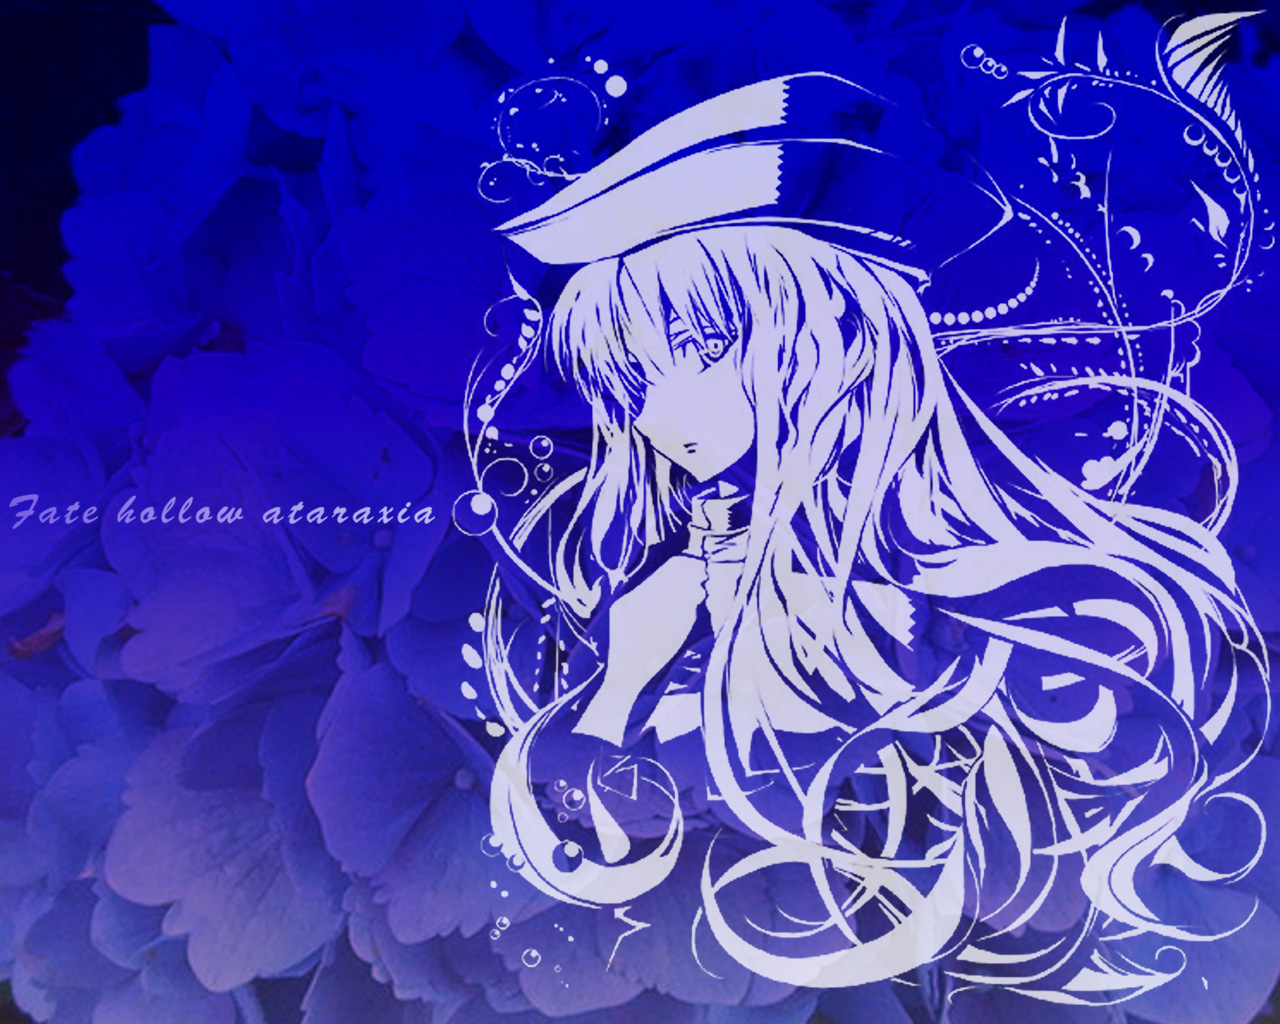 fatestay night konachancom   Konachancom Anime Wallpapers 1280x1024